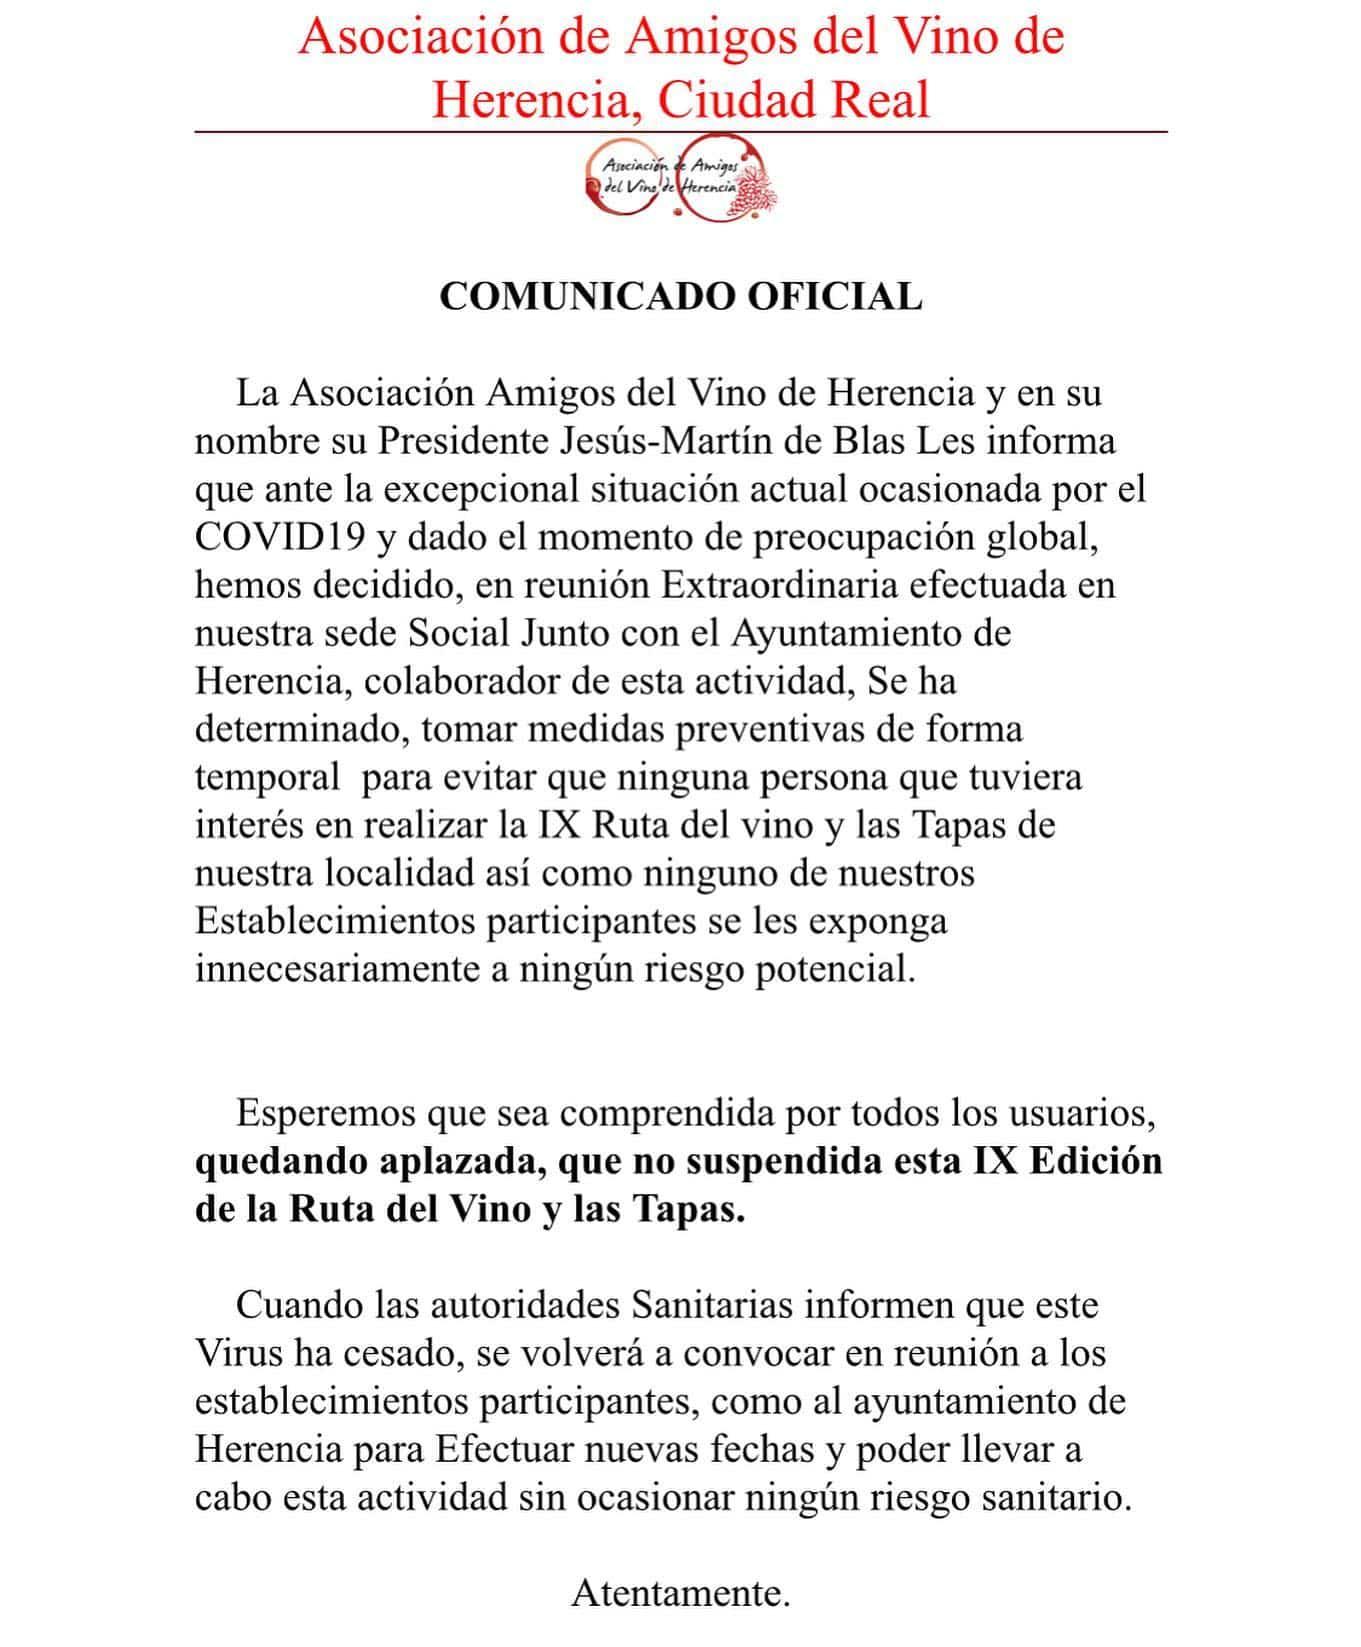 comunicado IX Edicion de la Ruta del Vino y las Tapas - Aplazada la IX Edición de la Ruta del Vino y las Tapas por el coronavirus